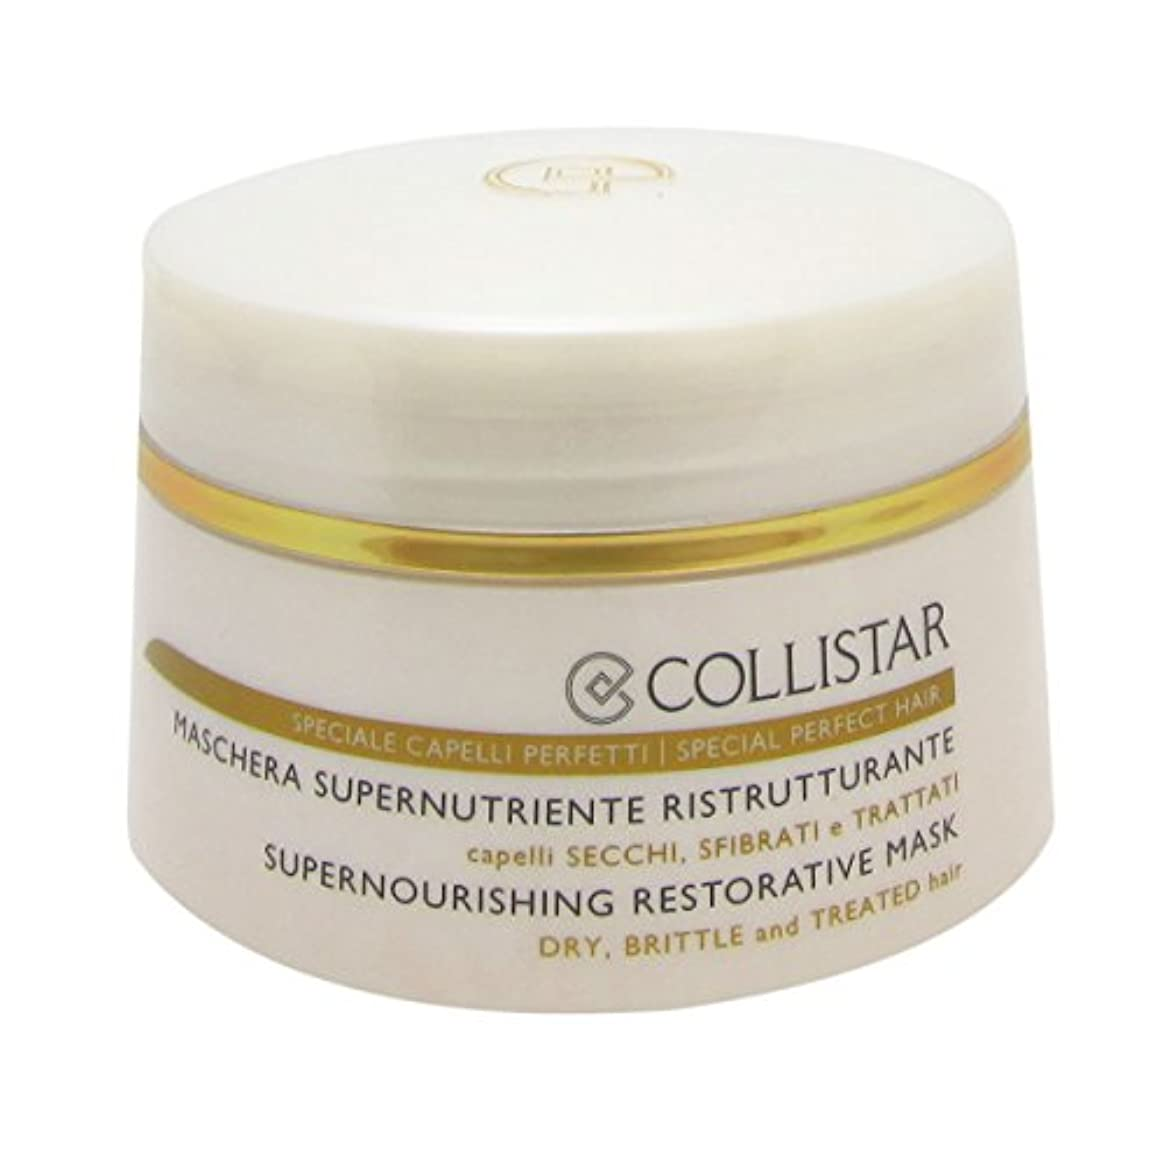 タンザニア百科事典飢えたCollistar Supernourishing Restorative Mask 200ml [並行輸入品]